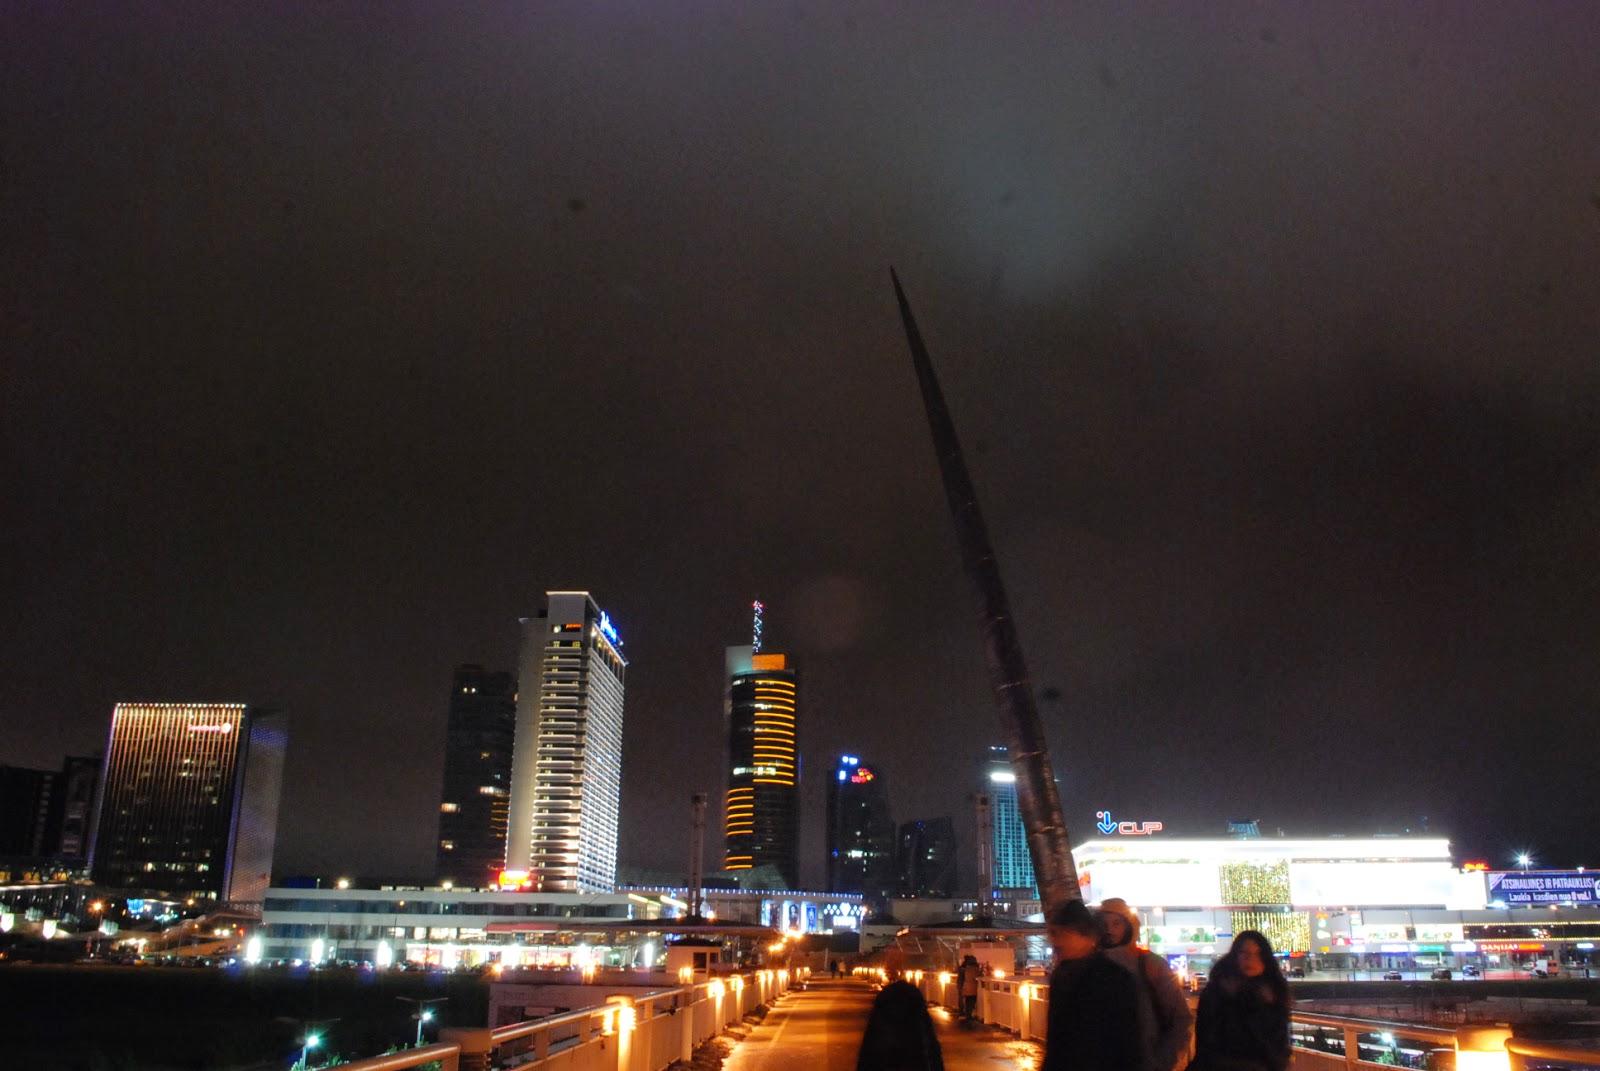 Пешеходный мост проткнутый метательным копьём. Почему так - уже не помню:). Вильнюс, Литва.